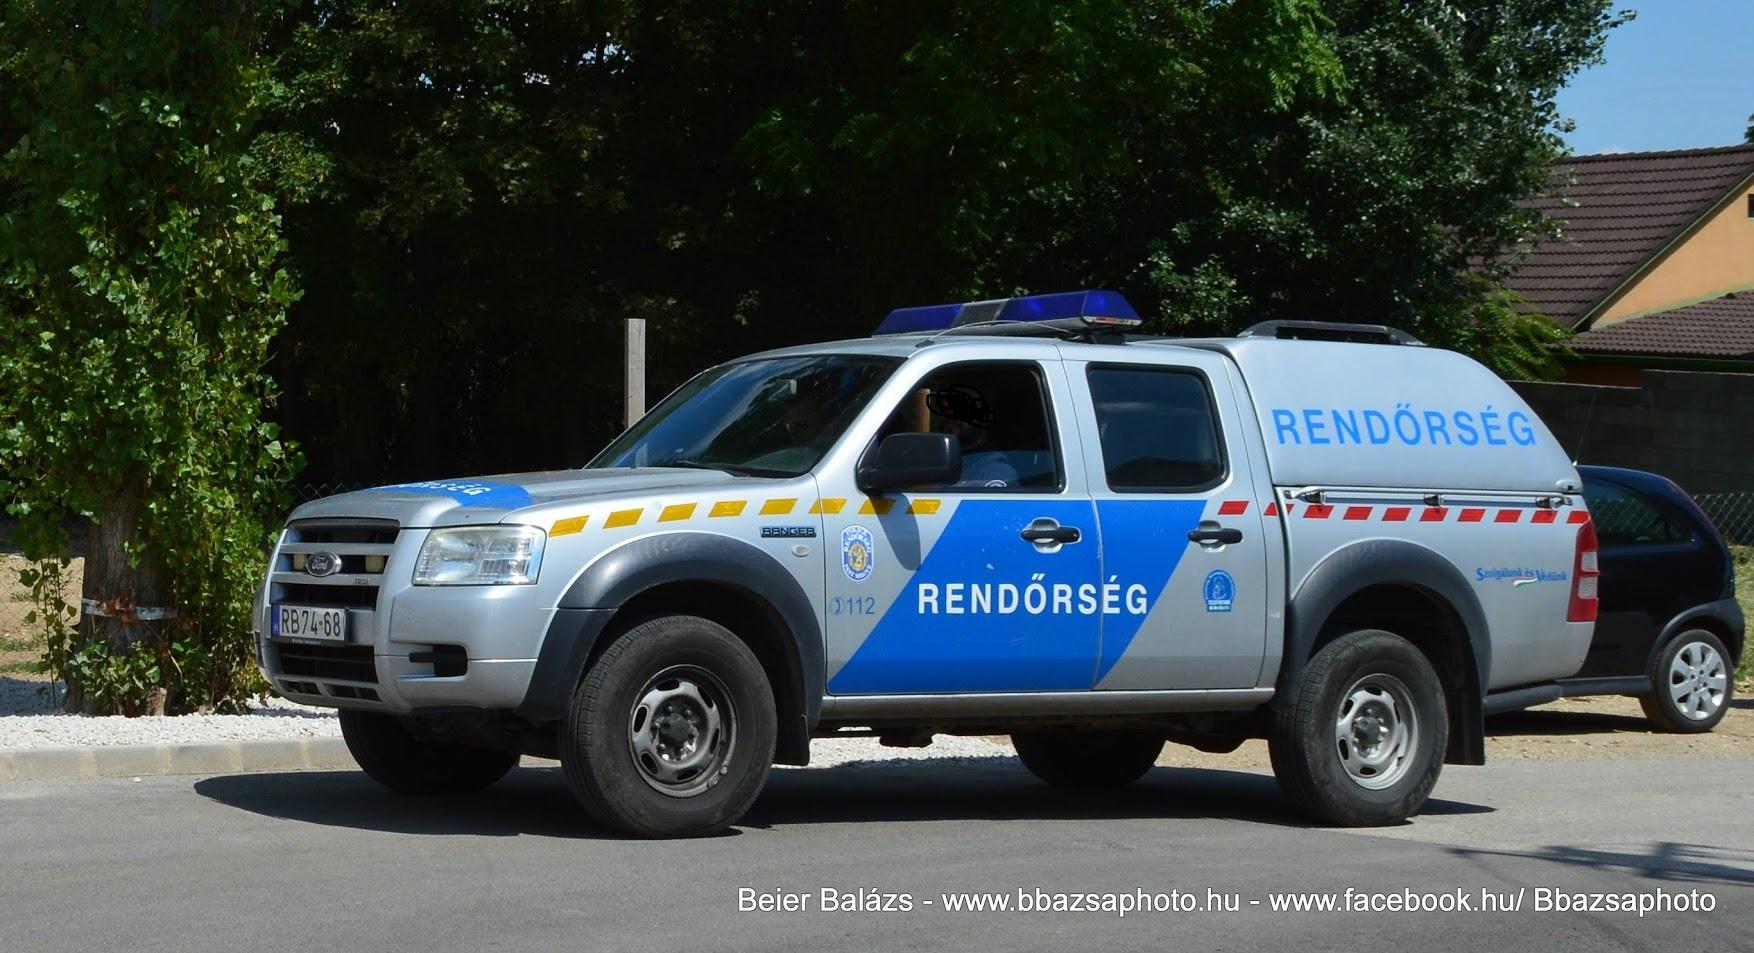 Ford Ranger – Police